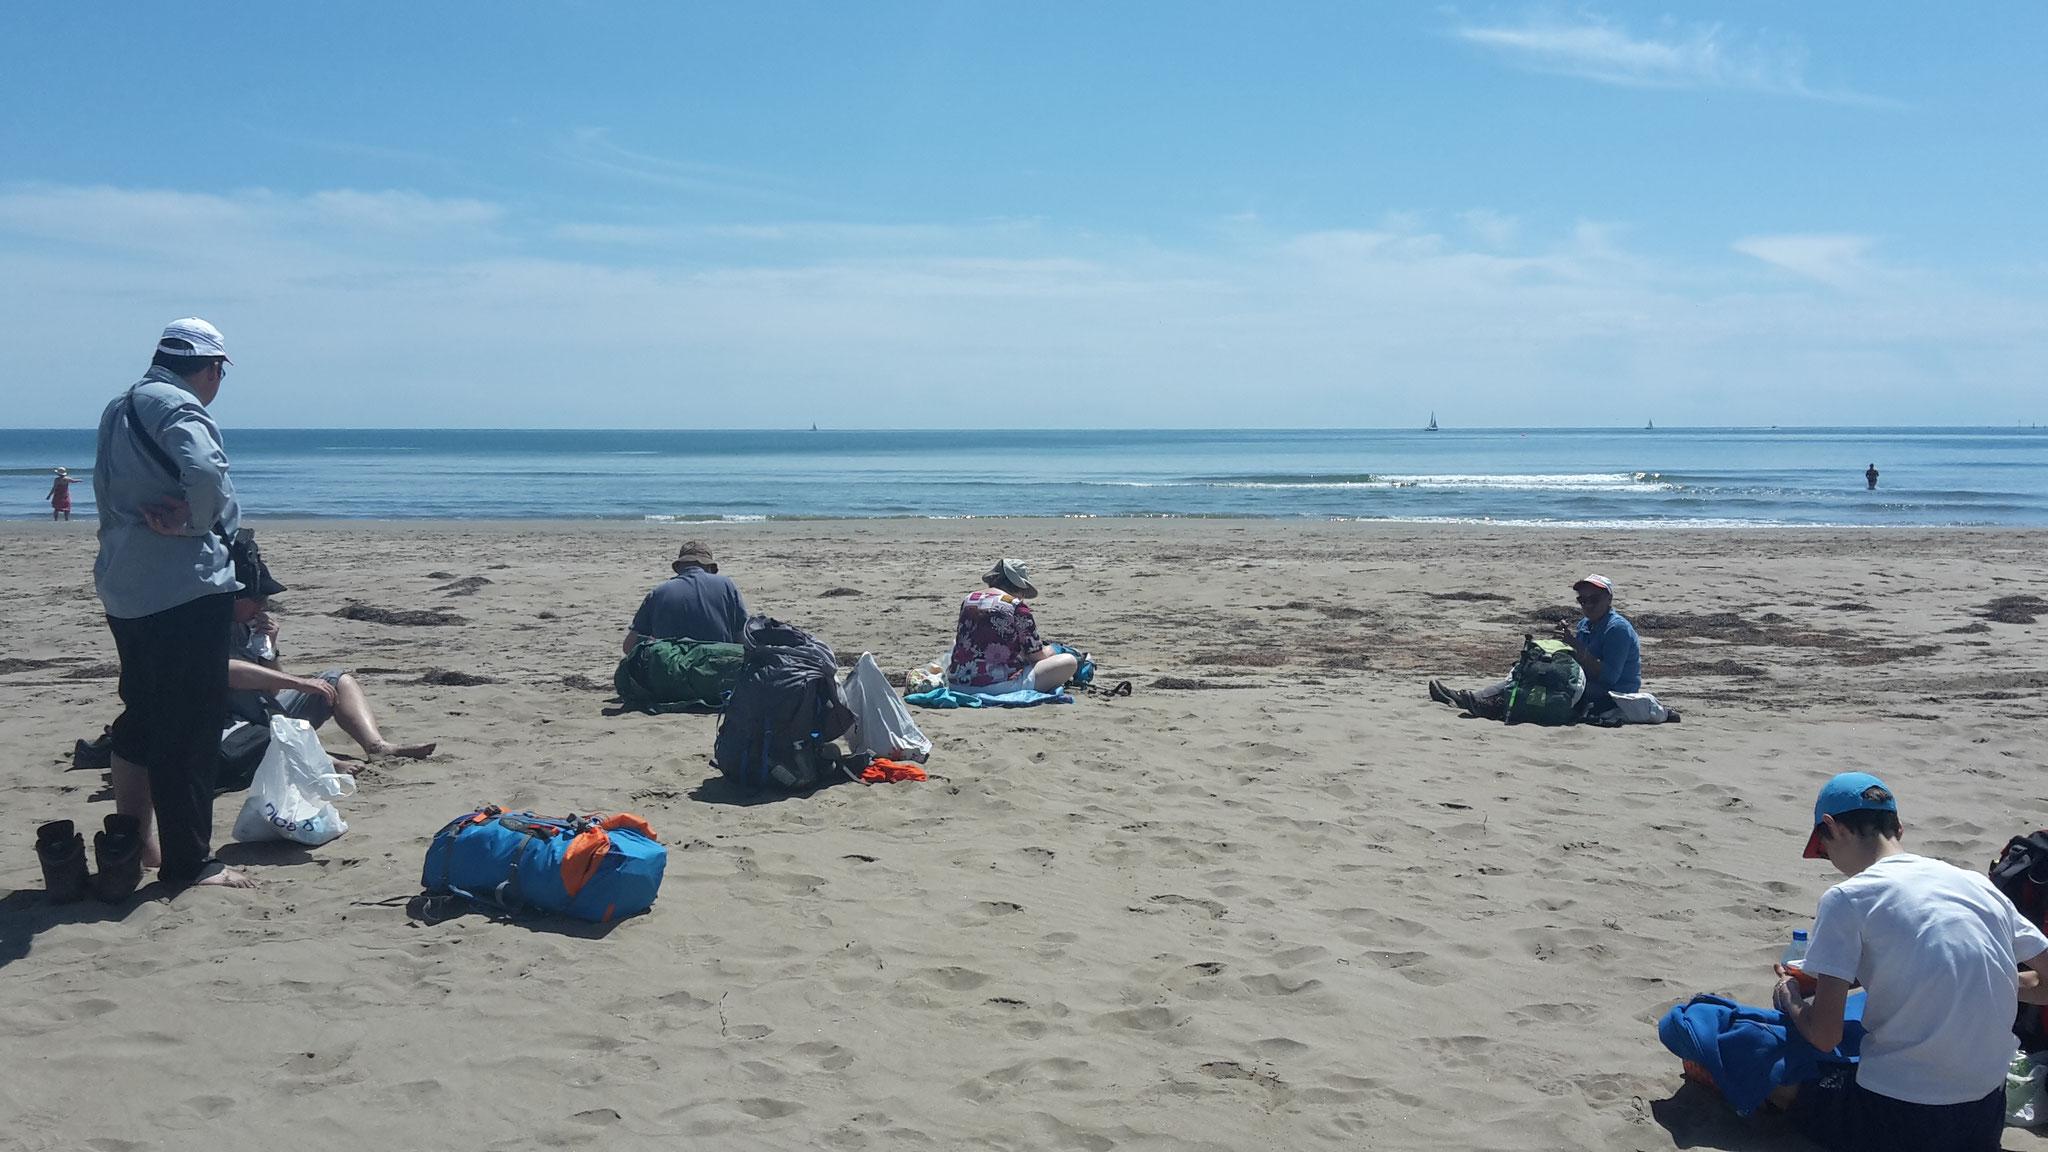 Départ sur la plage, plage de gruissan